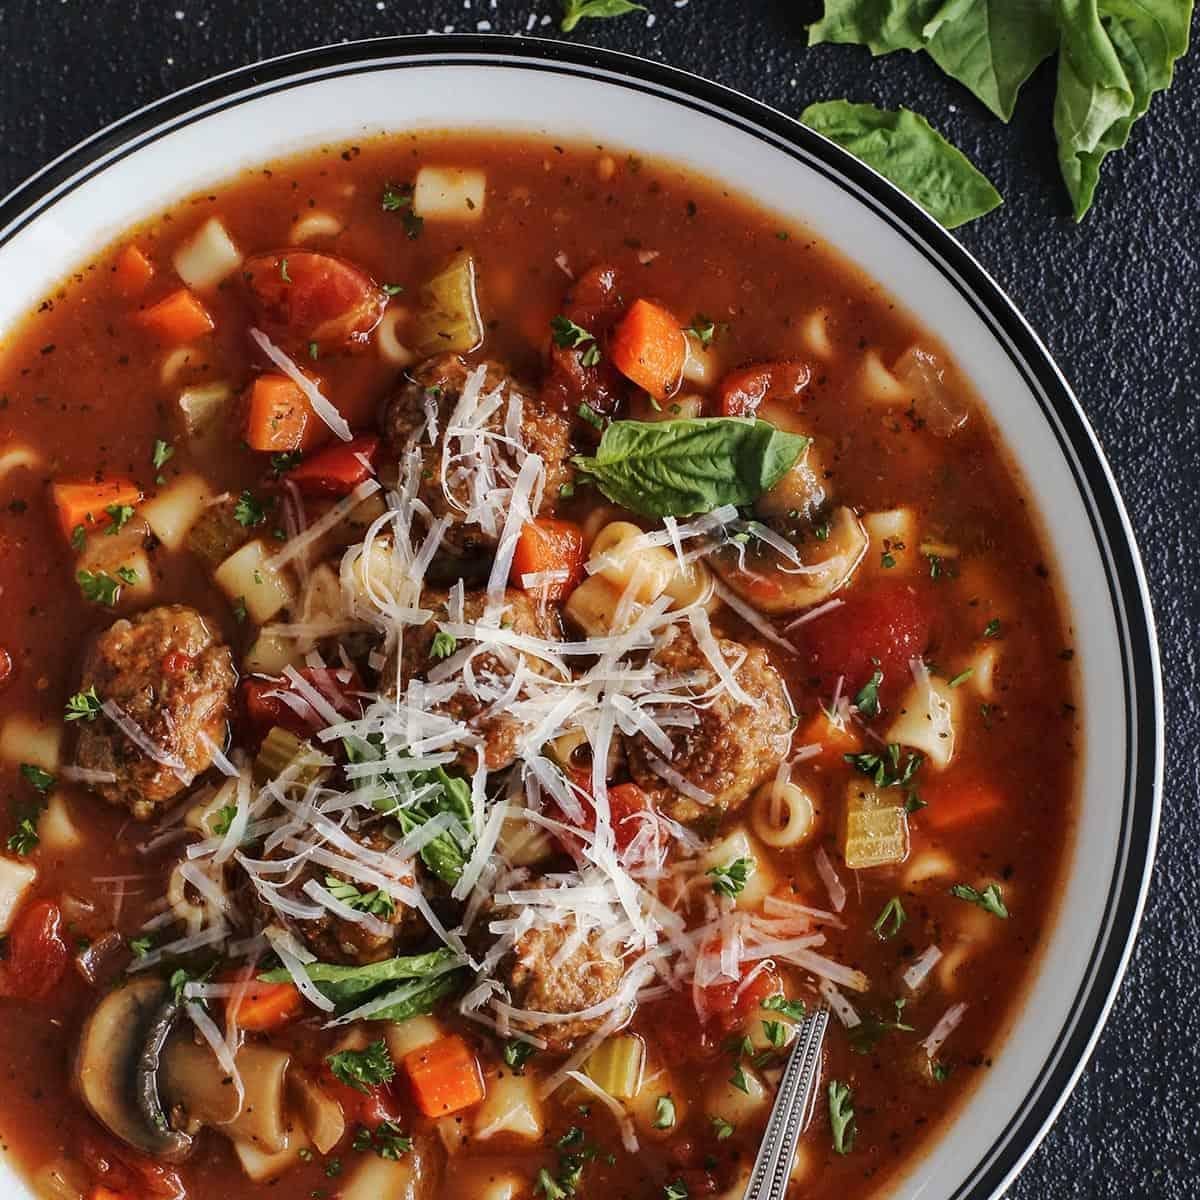 Italian meatball soup in a bowl